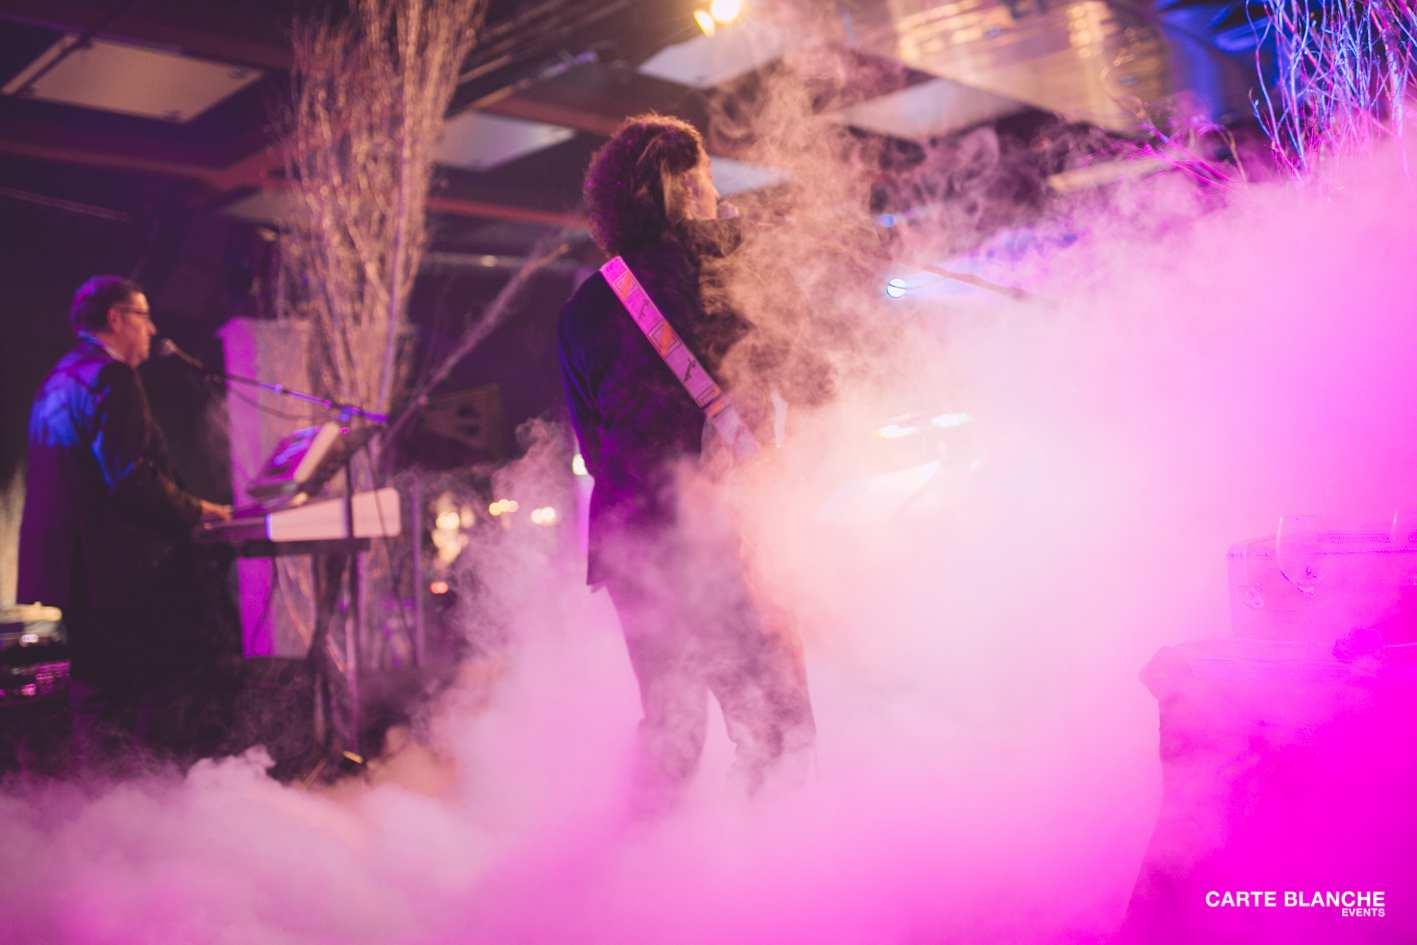 xmas-party-ferrero-2013-spectacle-carte-blanche-évenement